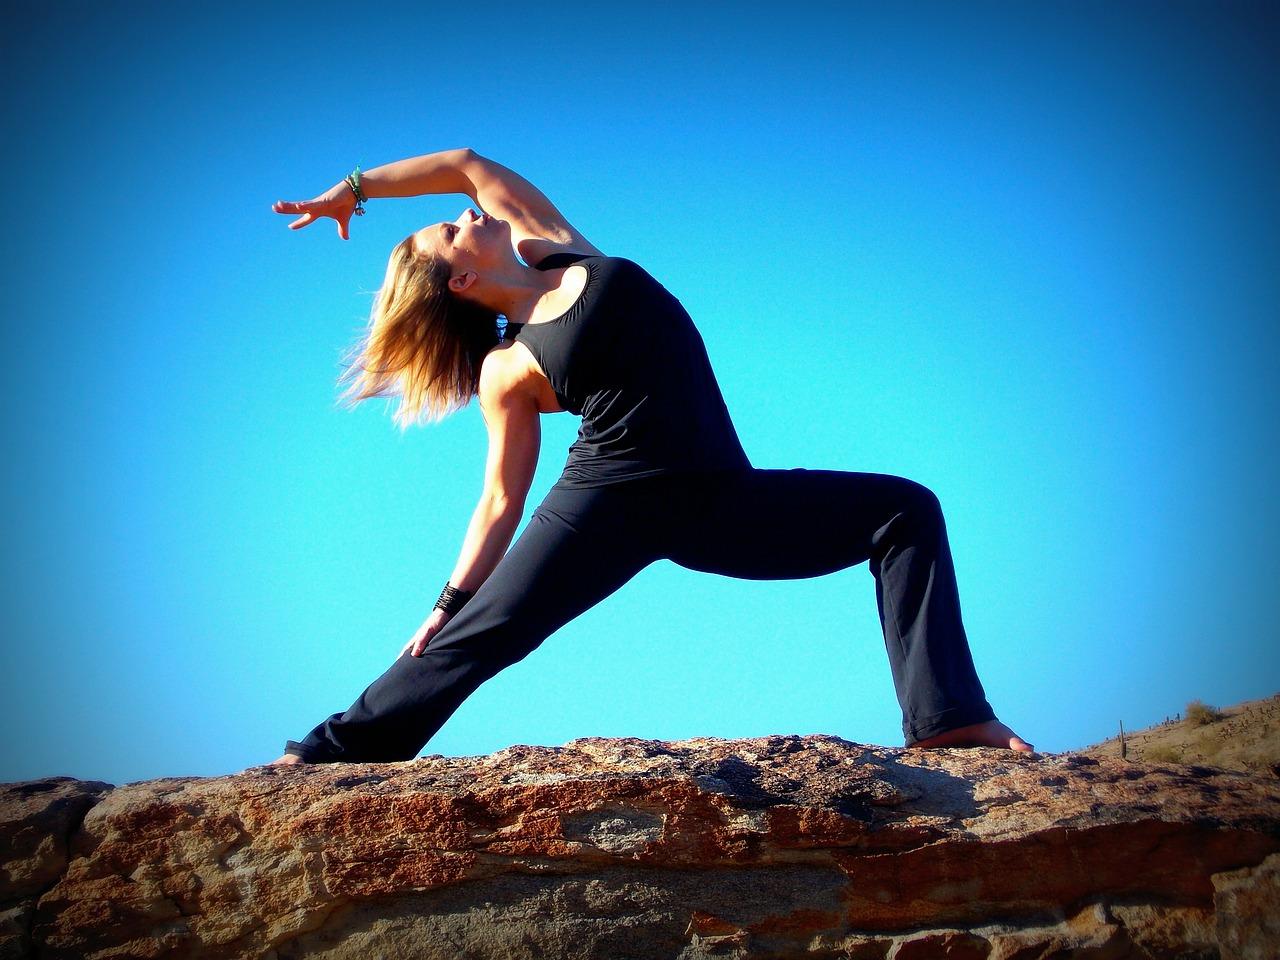 運動習慣ダイエット。ストレスフル改善。呼吸法で痩せる!